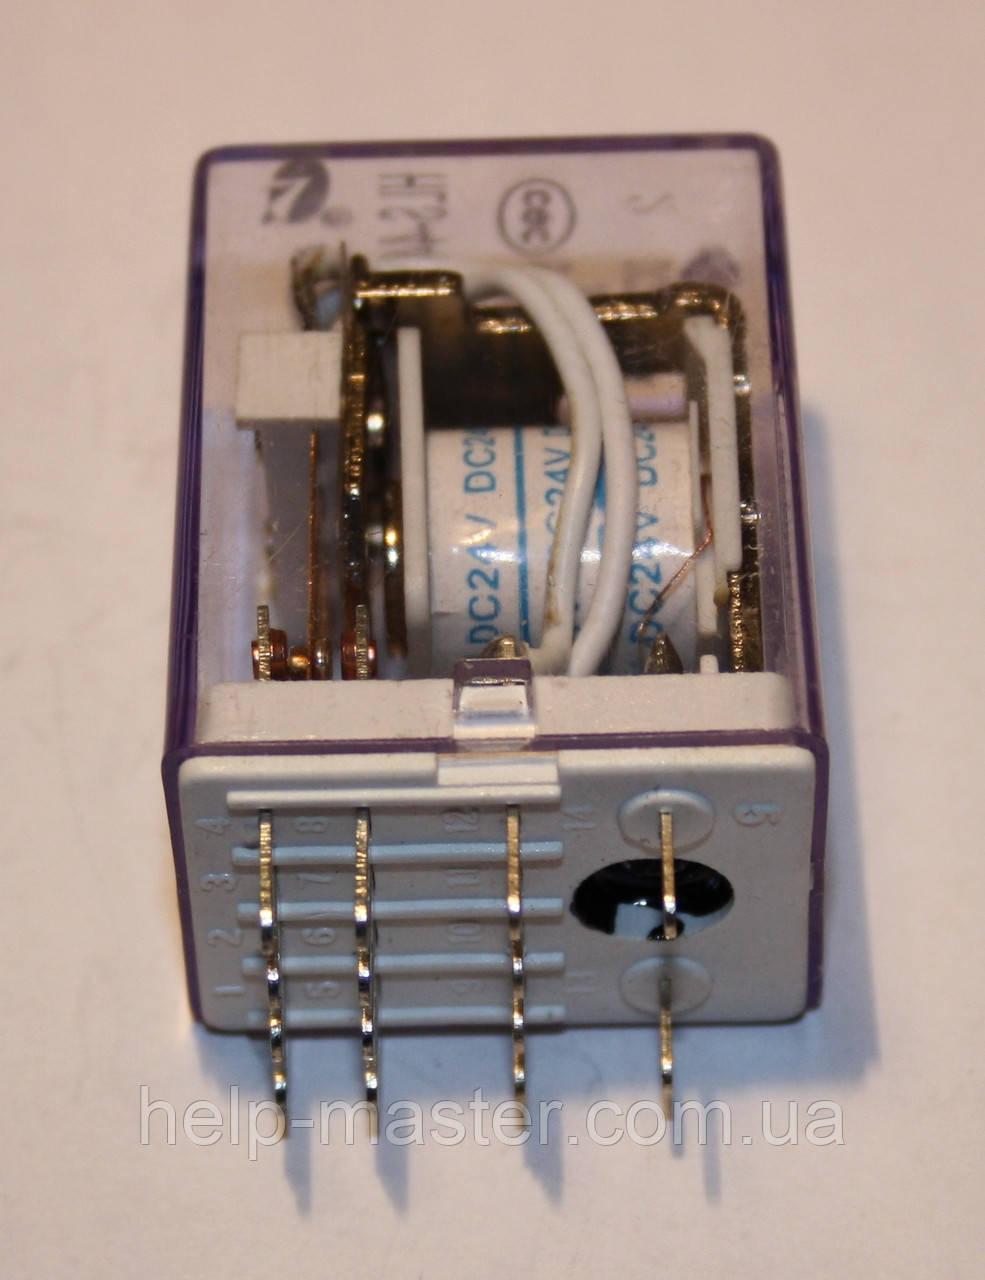 Реле электромеханическое  HLS-4453(18F);  24VDC